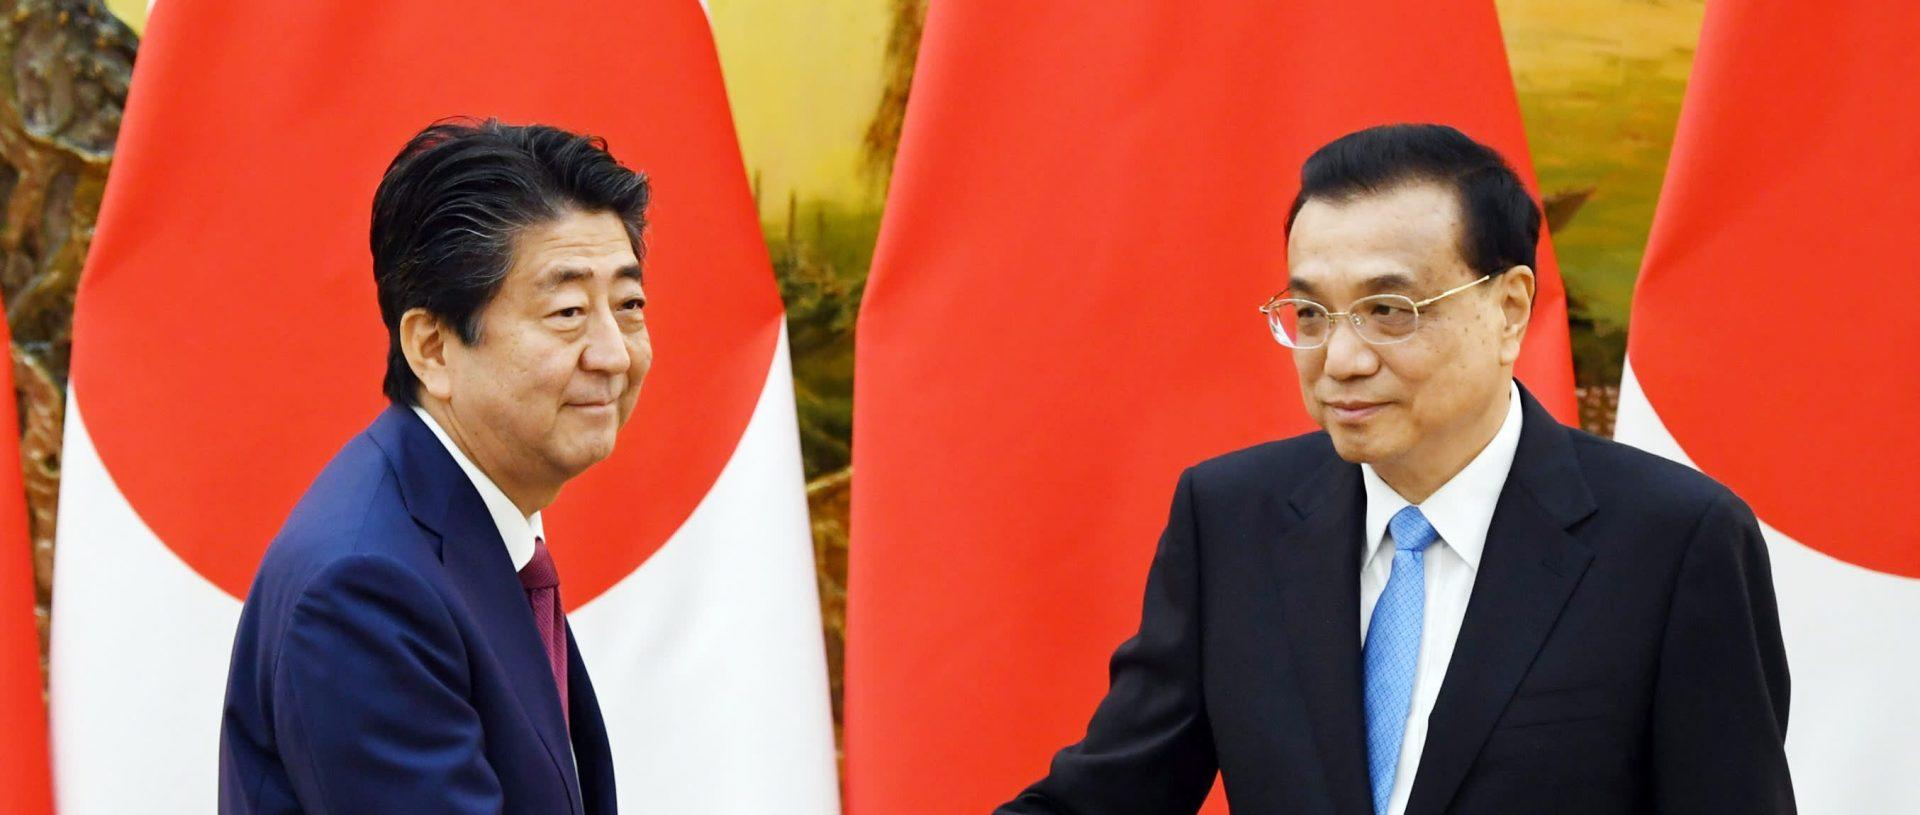 Le Premier ministre japonais Shinzo Abe et son homologue chinois Li Keqiang, à Pékin le 26 octobre 2018. (Source : Asian Nikkei)